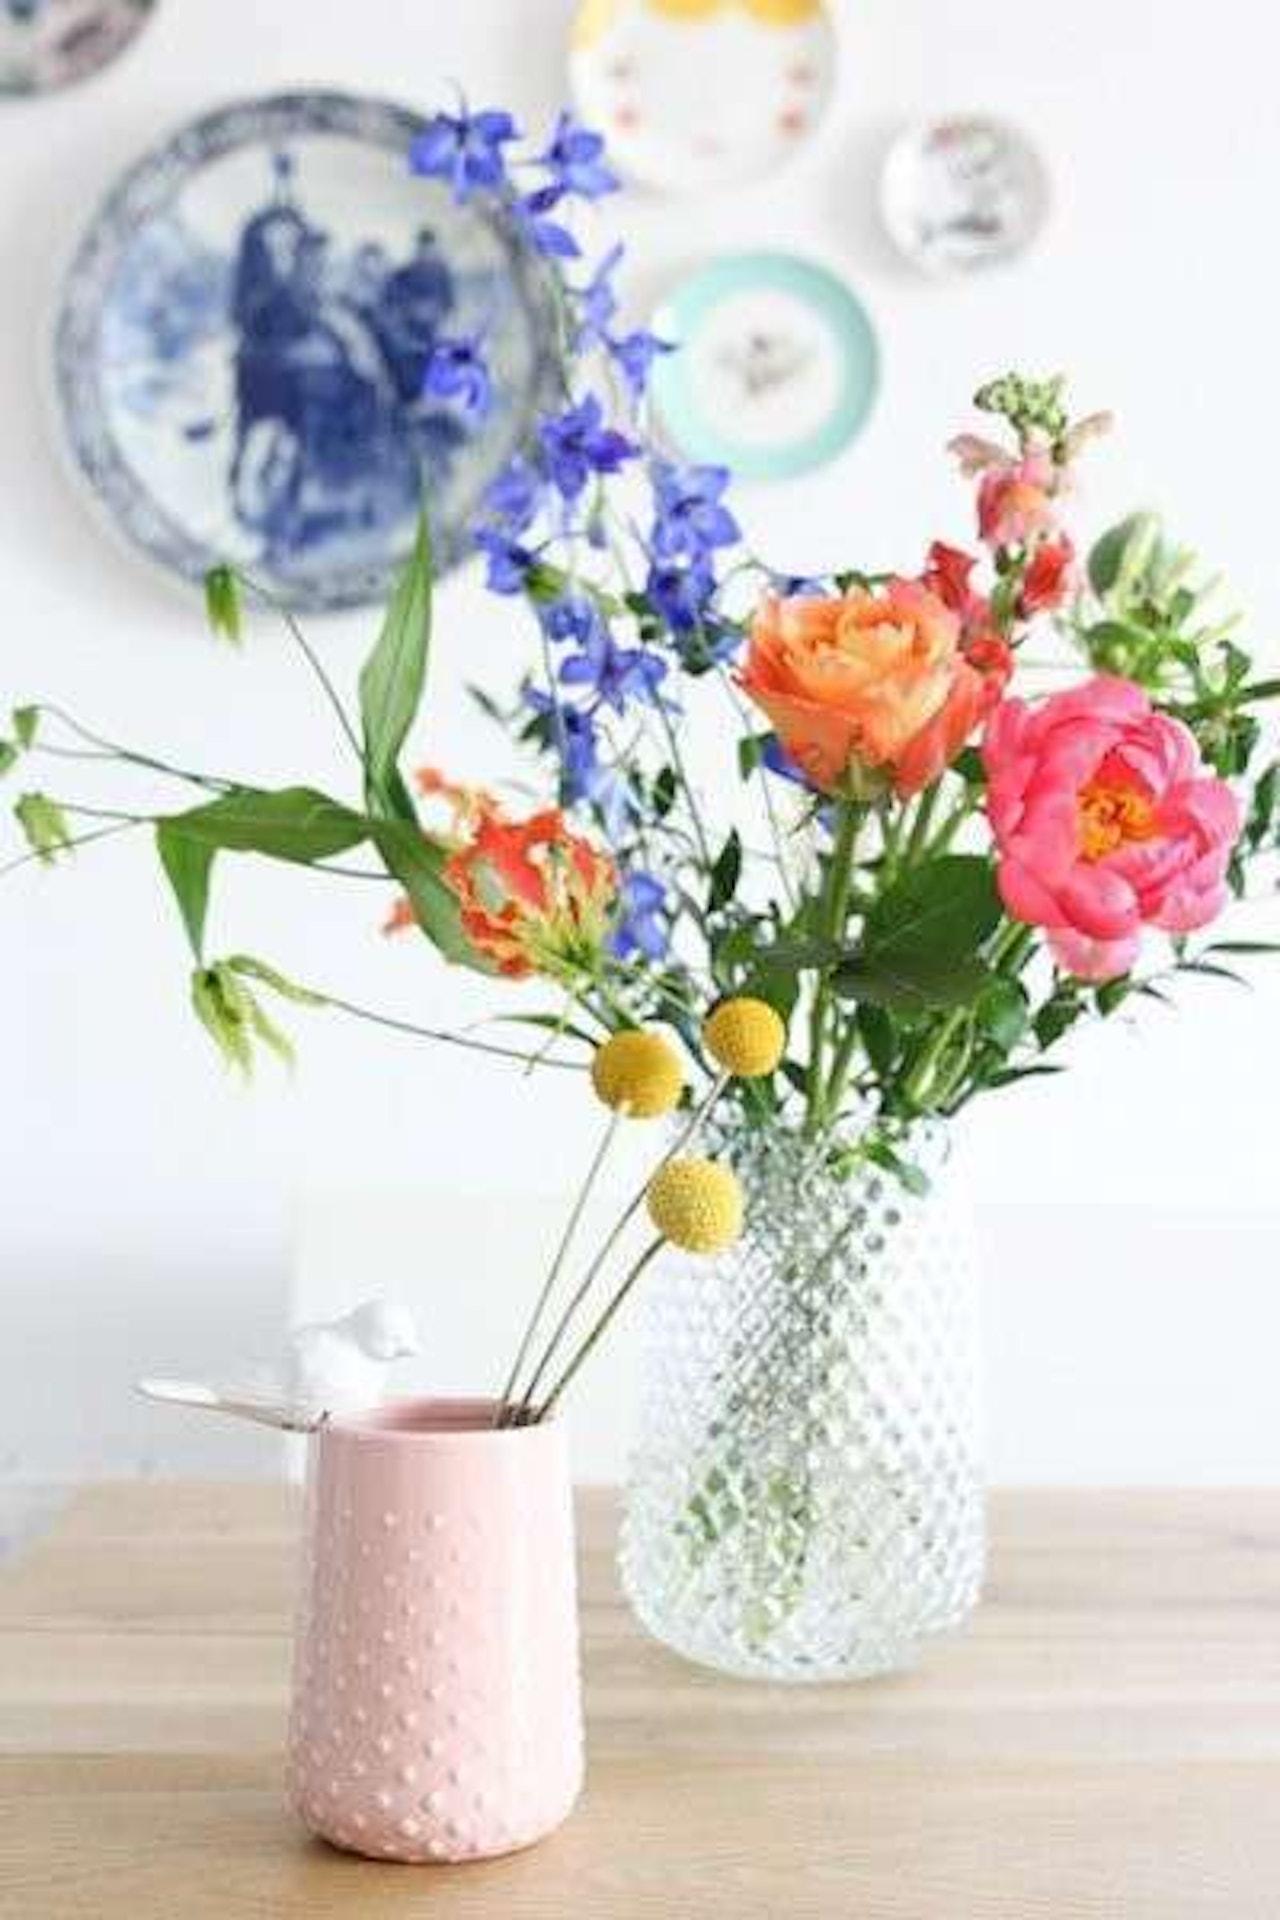 Wooninspiratie voor de lente, verschillende soorten bloemen